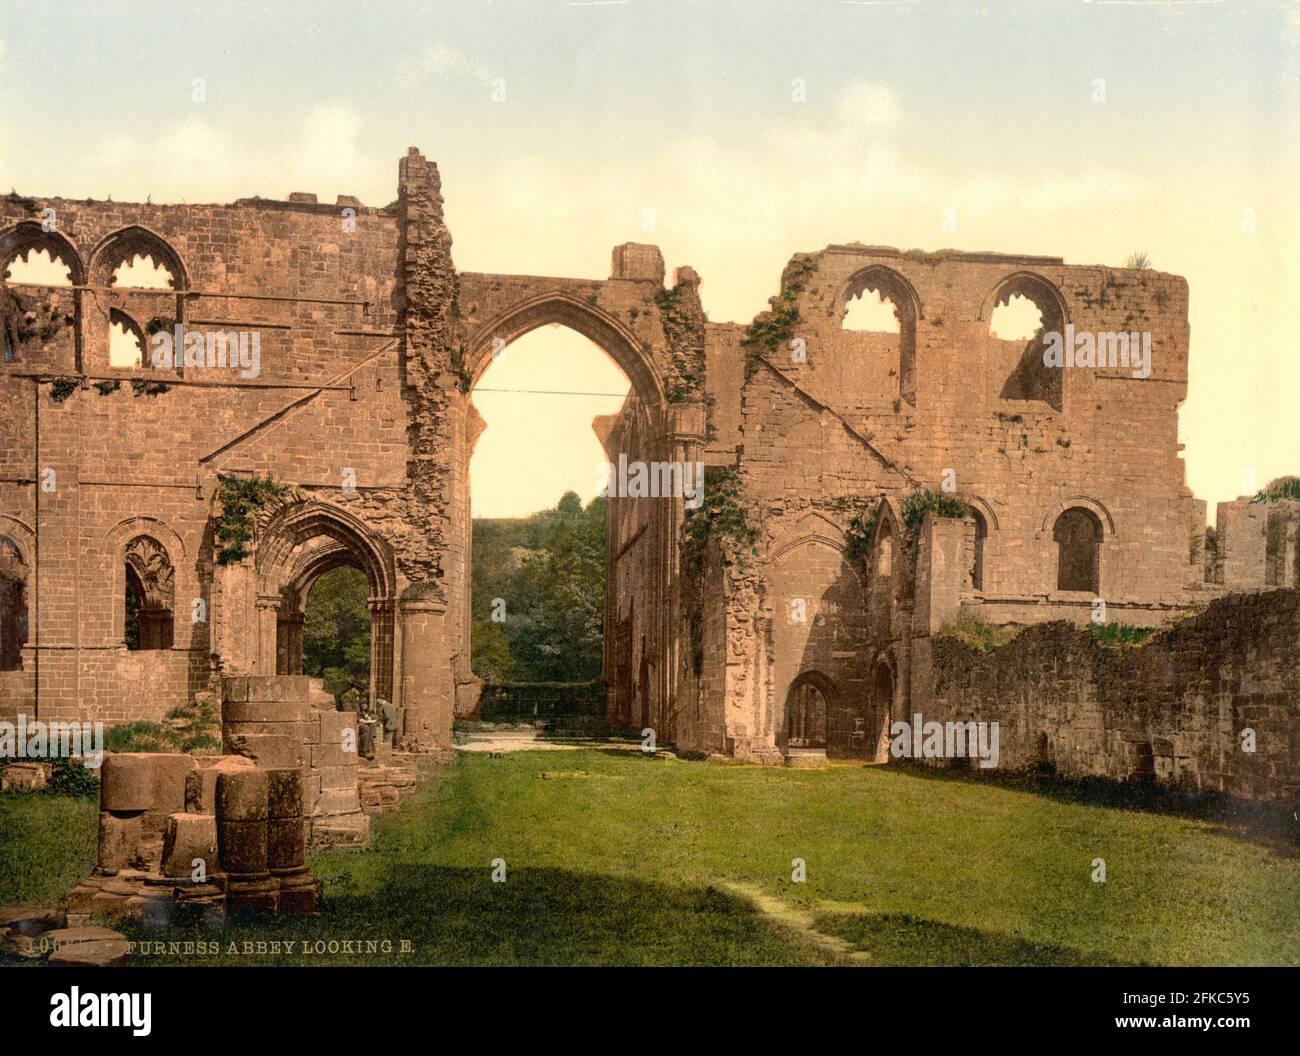 Abbaye de Furness, Barrow-in-Furness, Cumbria vers 1890-1900 Banque D'Images